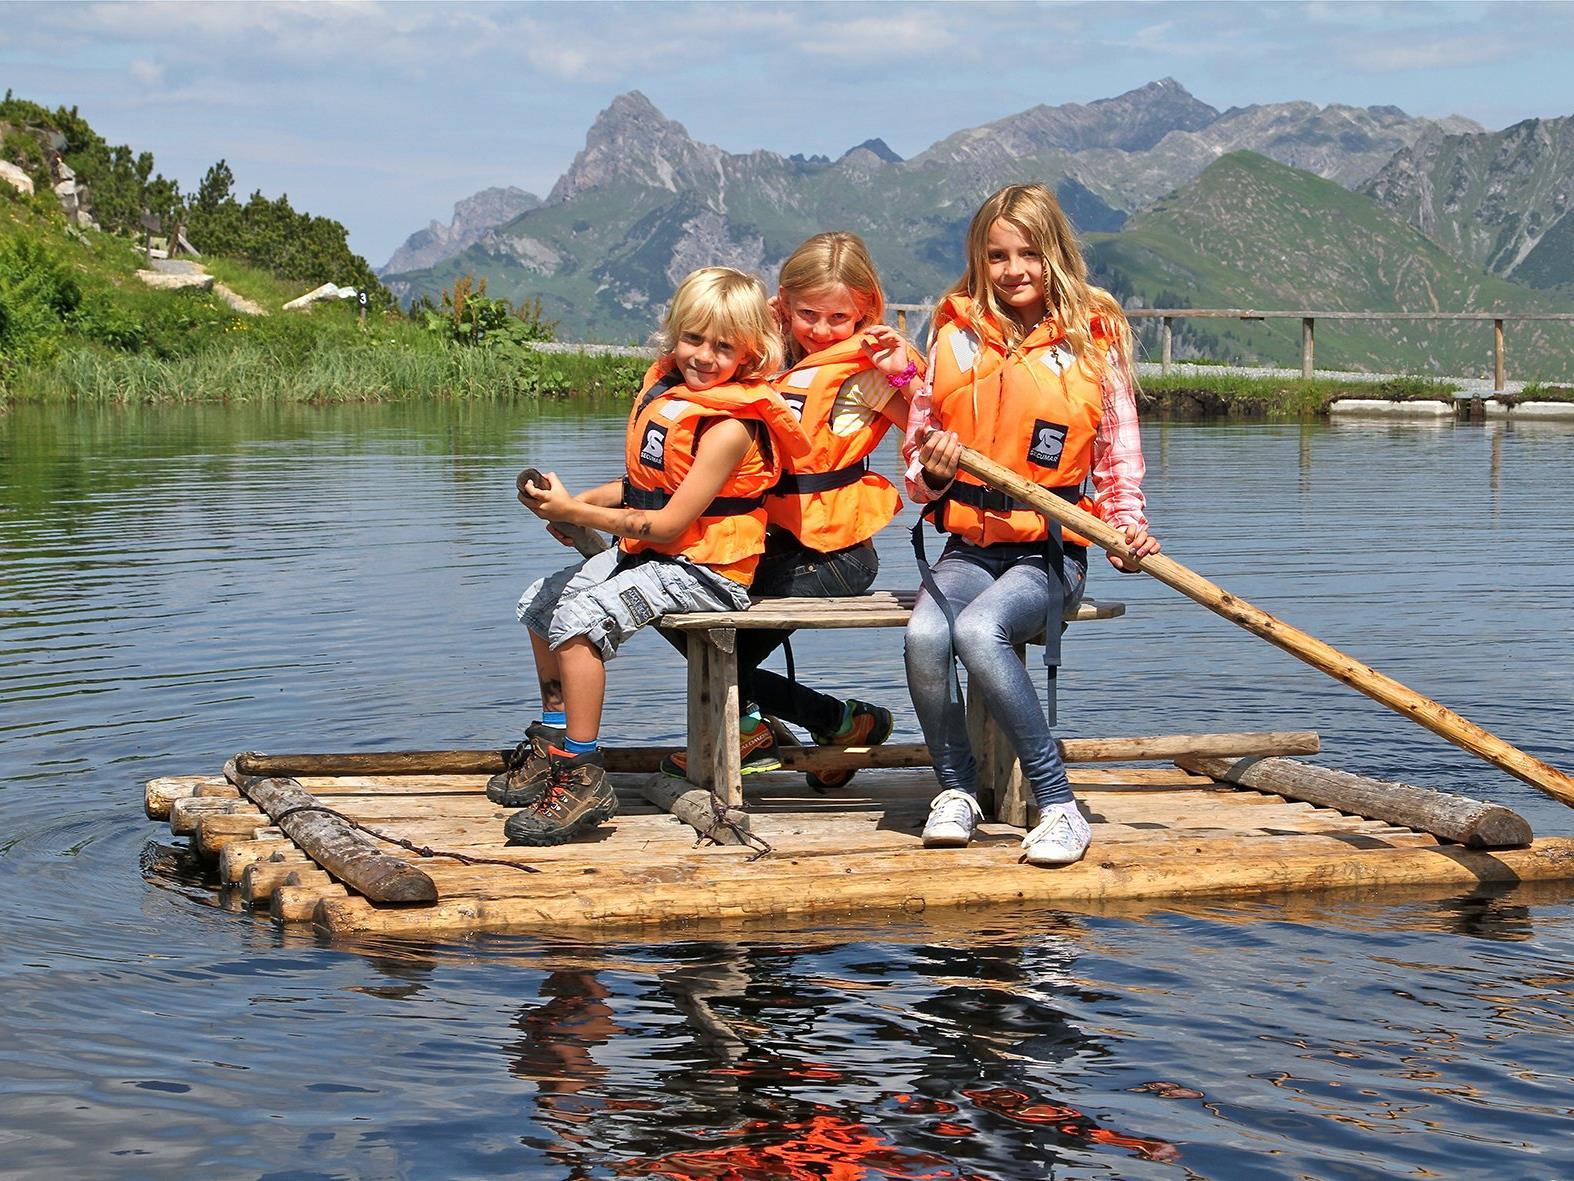 Bei den Vorarlberger Seilbahnen gibt es auch im Sommer viel zu erleben, zum Beispiel im Bärenland am Sonnenkopf.